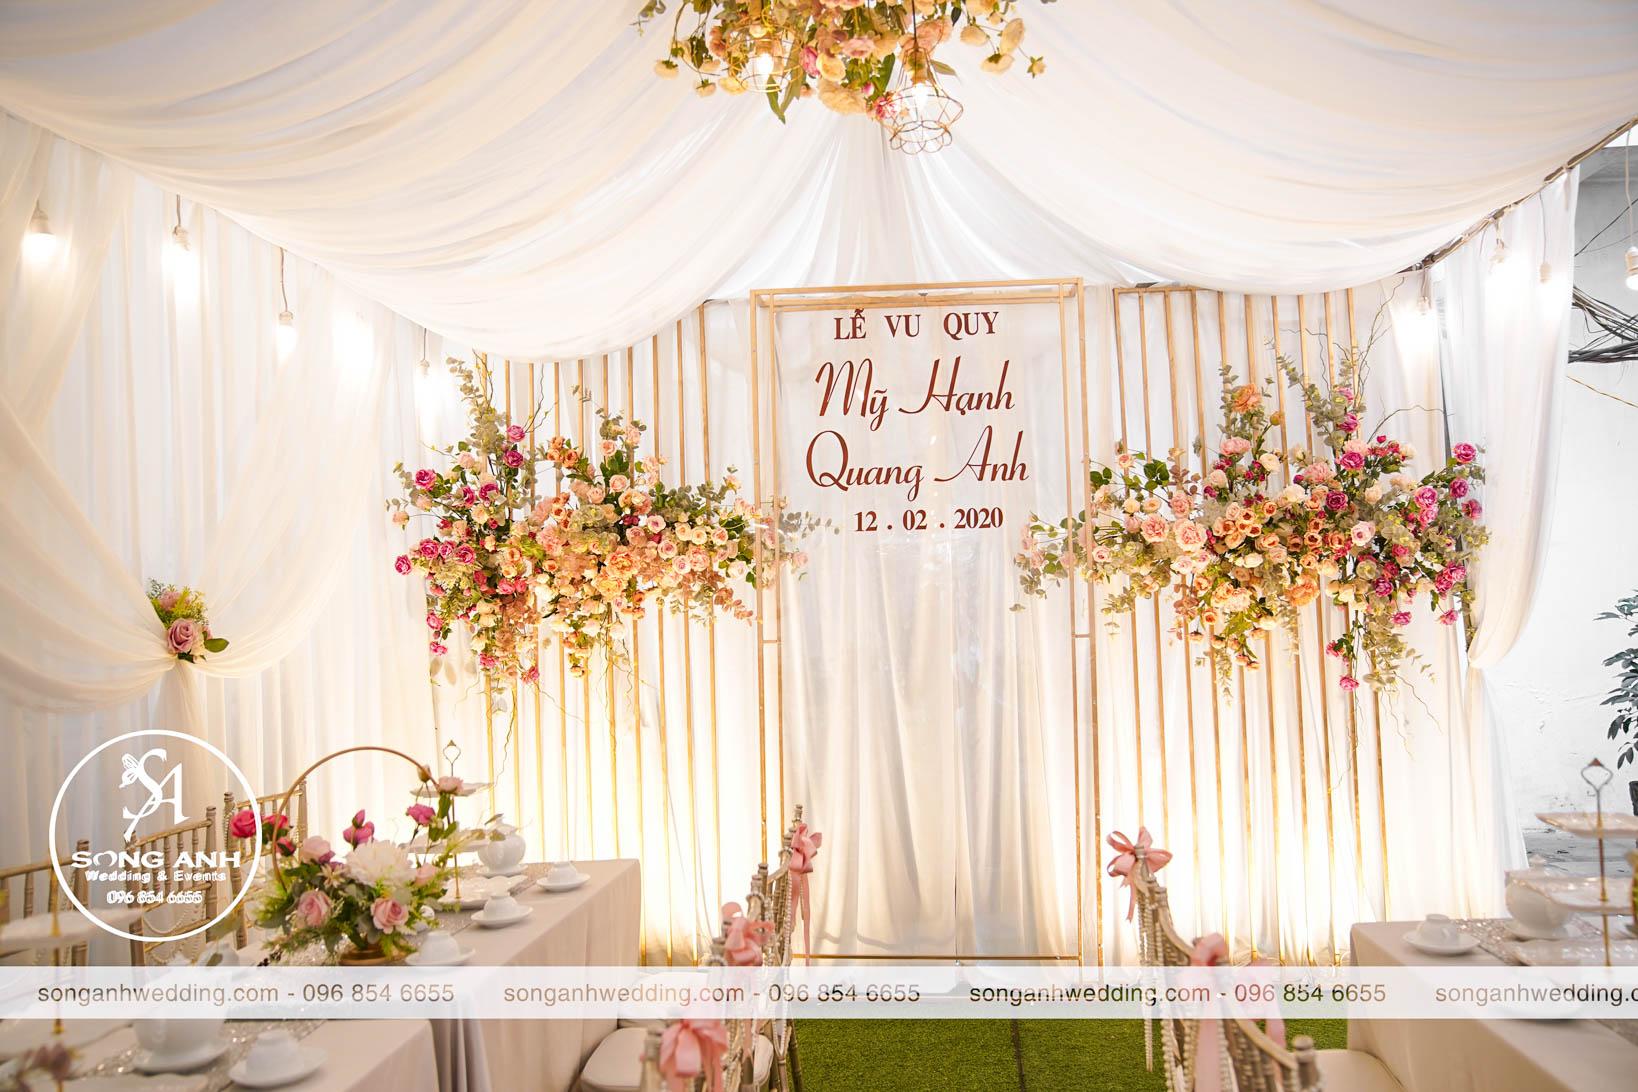 Xu hướng tổ chức tiệc cưới năm 2020